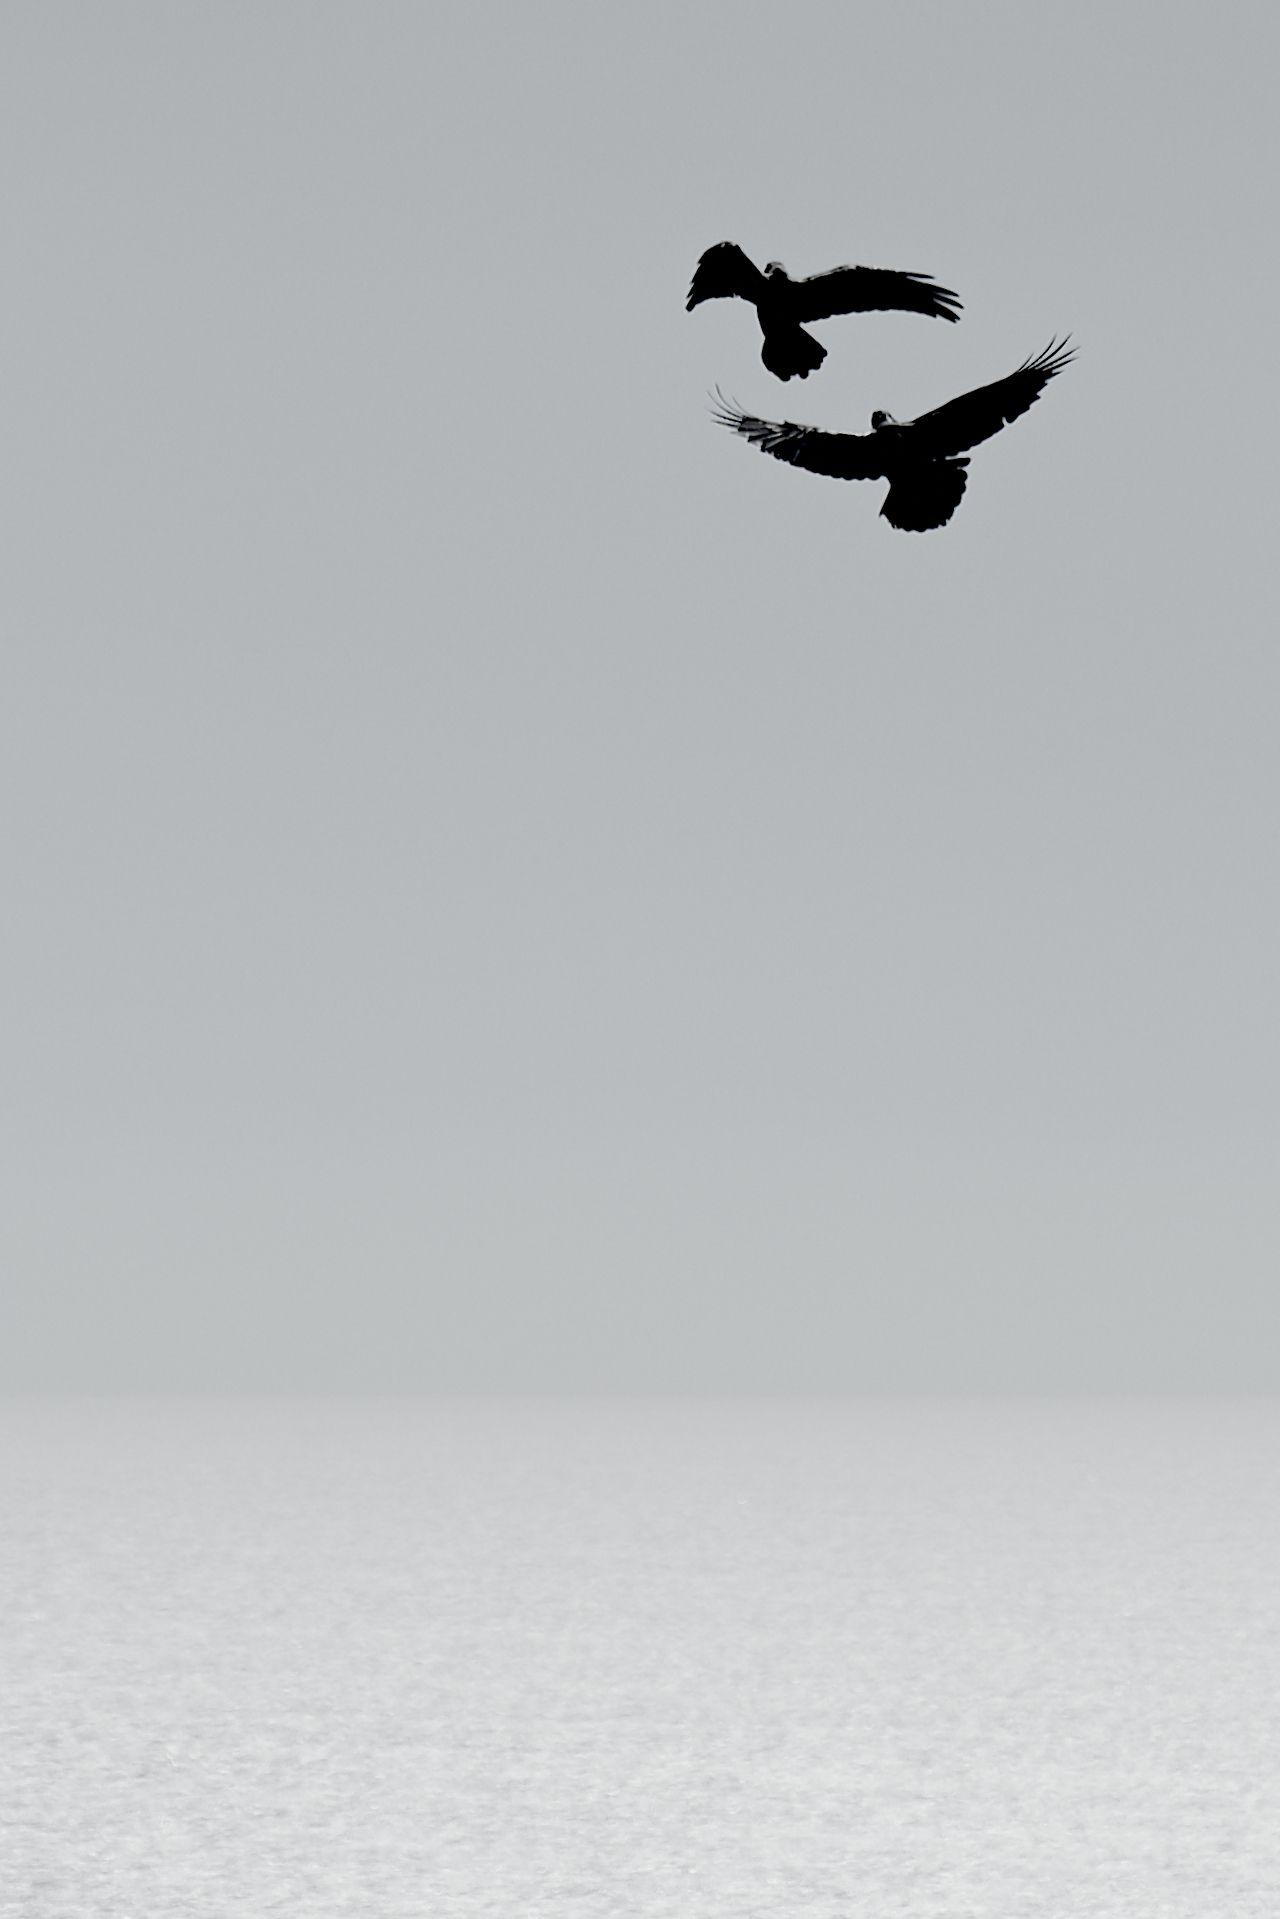 возбуждение в свободном полете   Minimal photography ...